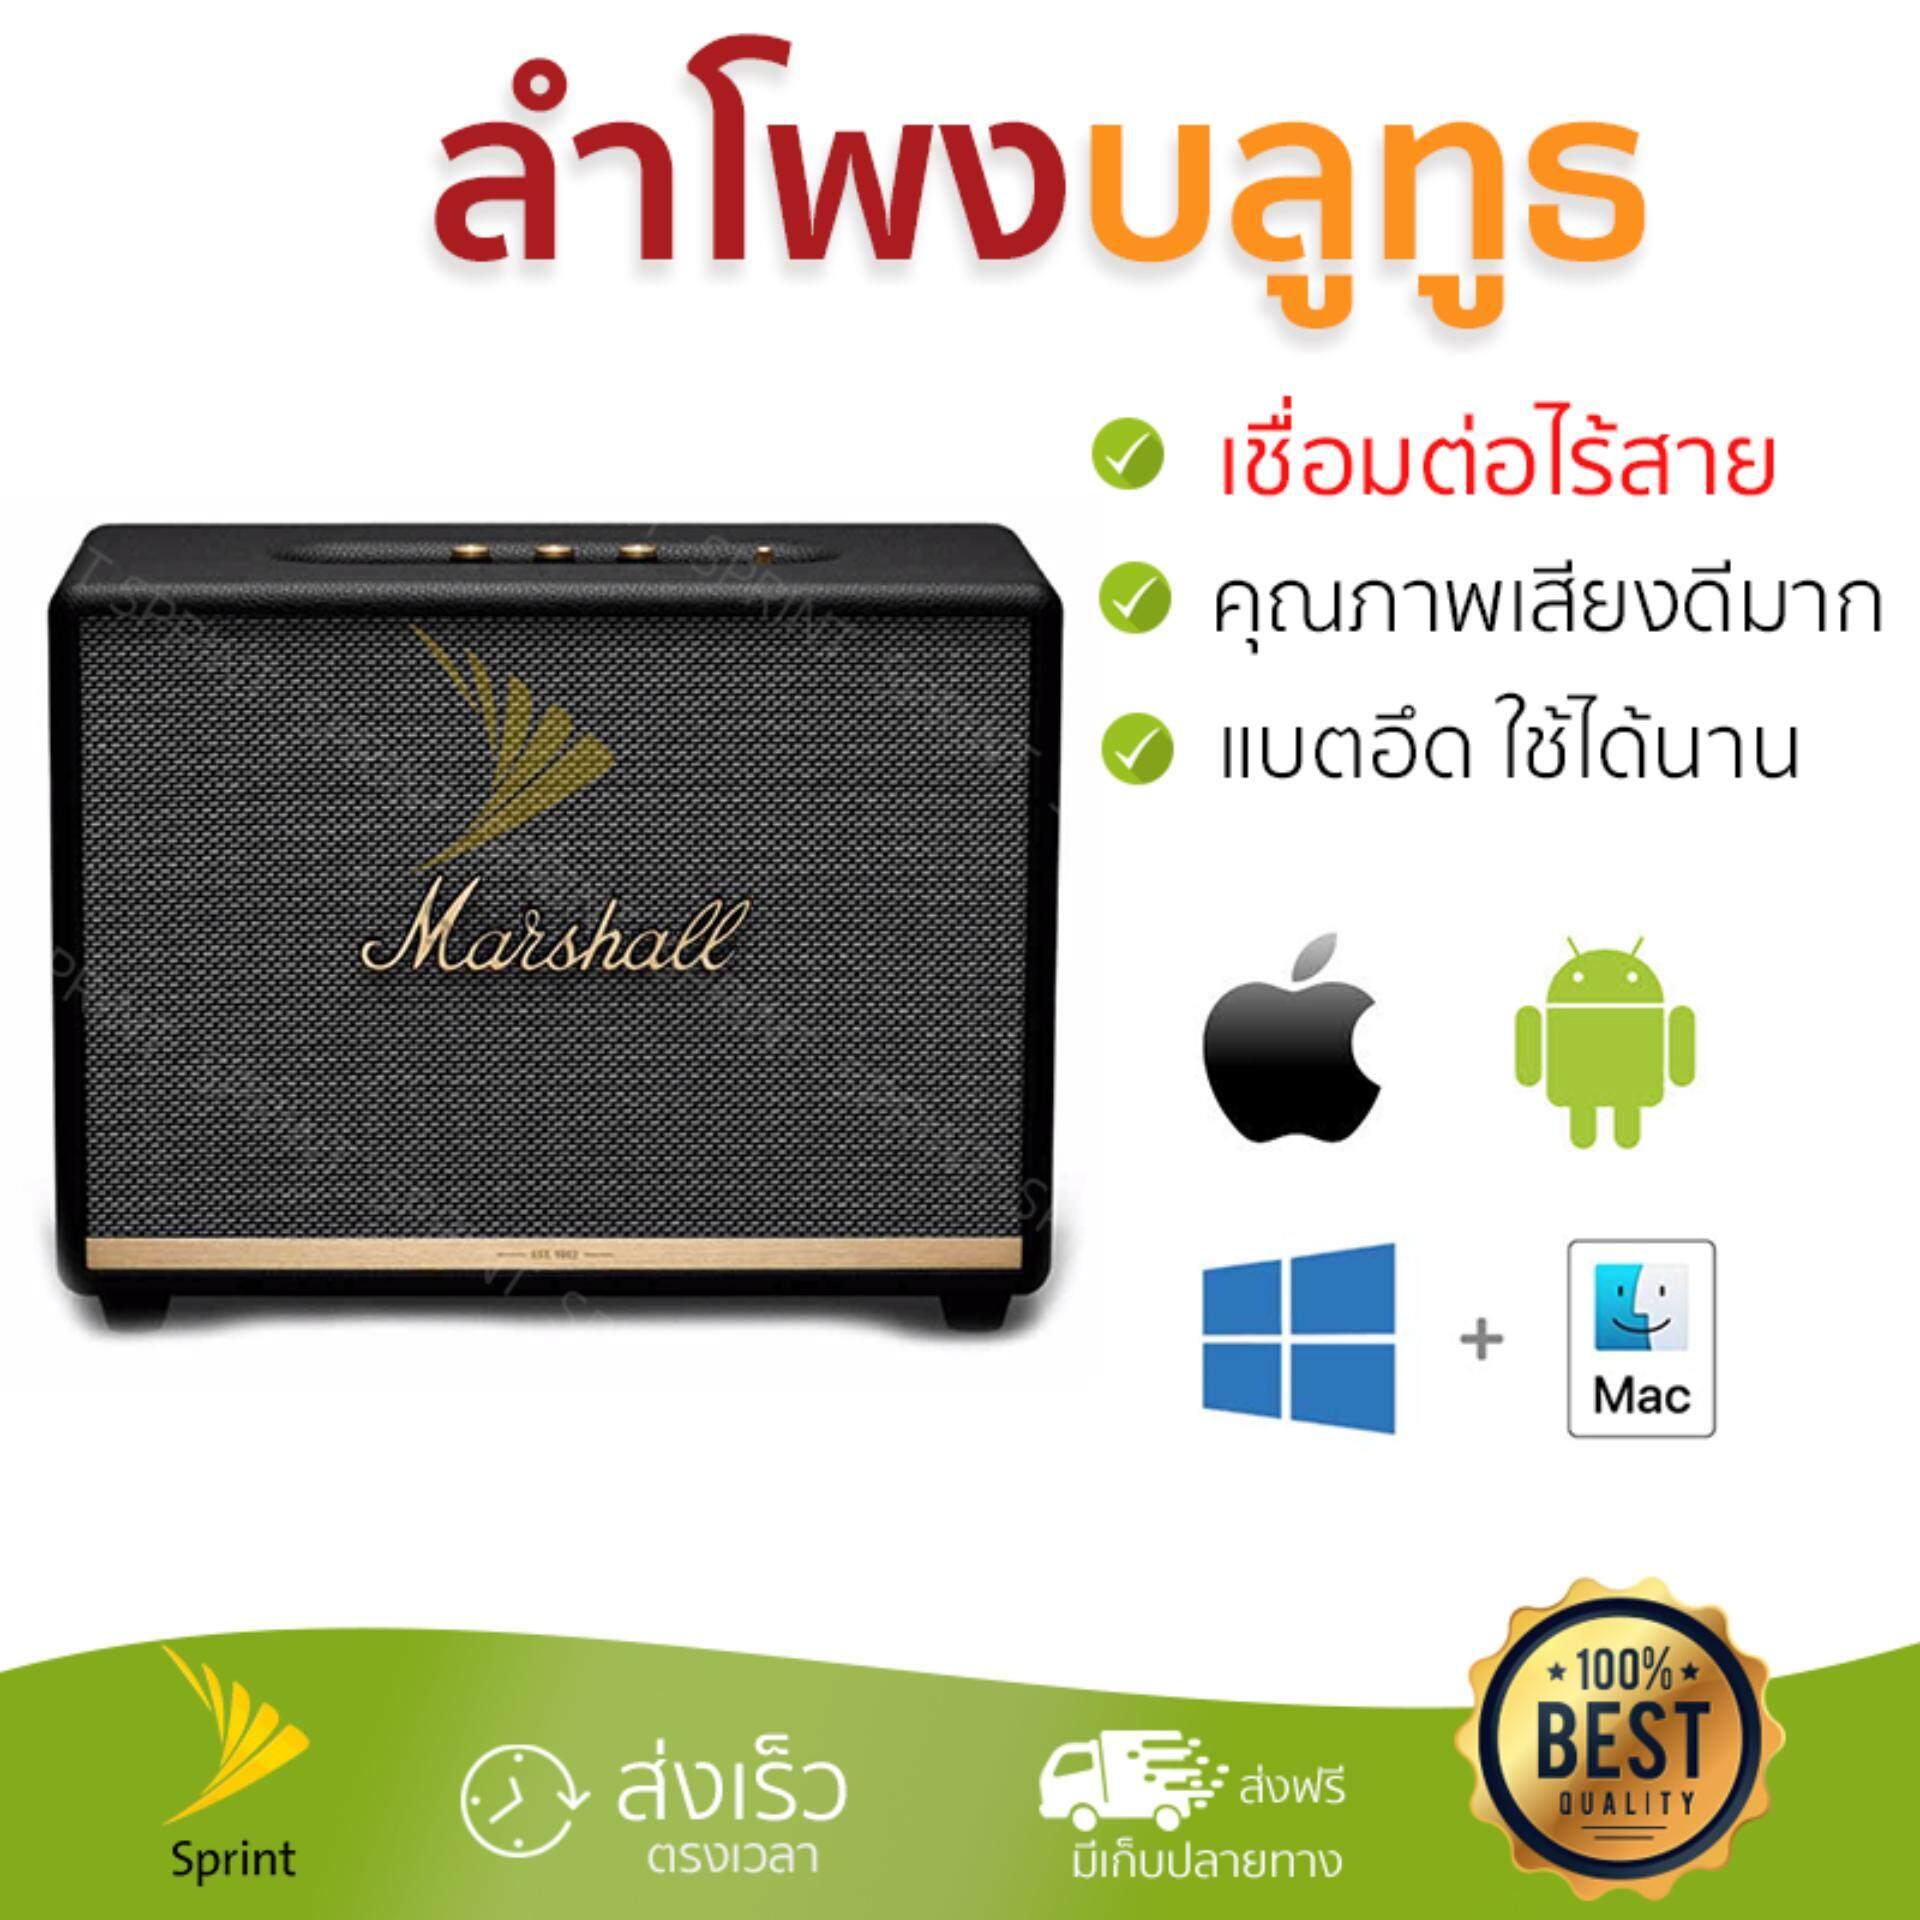 การใช้งาน  สกลนคร จัดส่งฟรี ลำโพงบลูทูธ  Marshall Bluetooth Speaker 2.1 Woburn II Bluetooth Black เสียงใส คุณภาพเกินตัว Wireless Bluetooth Speaker รับประกัน 1 ปี